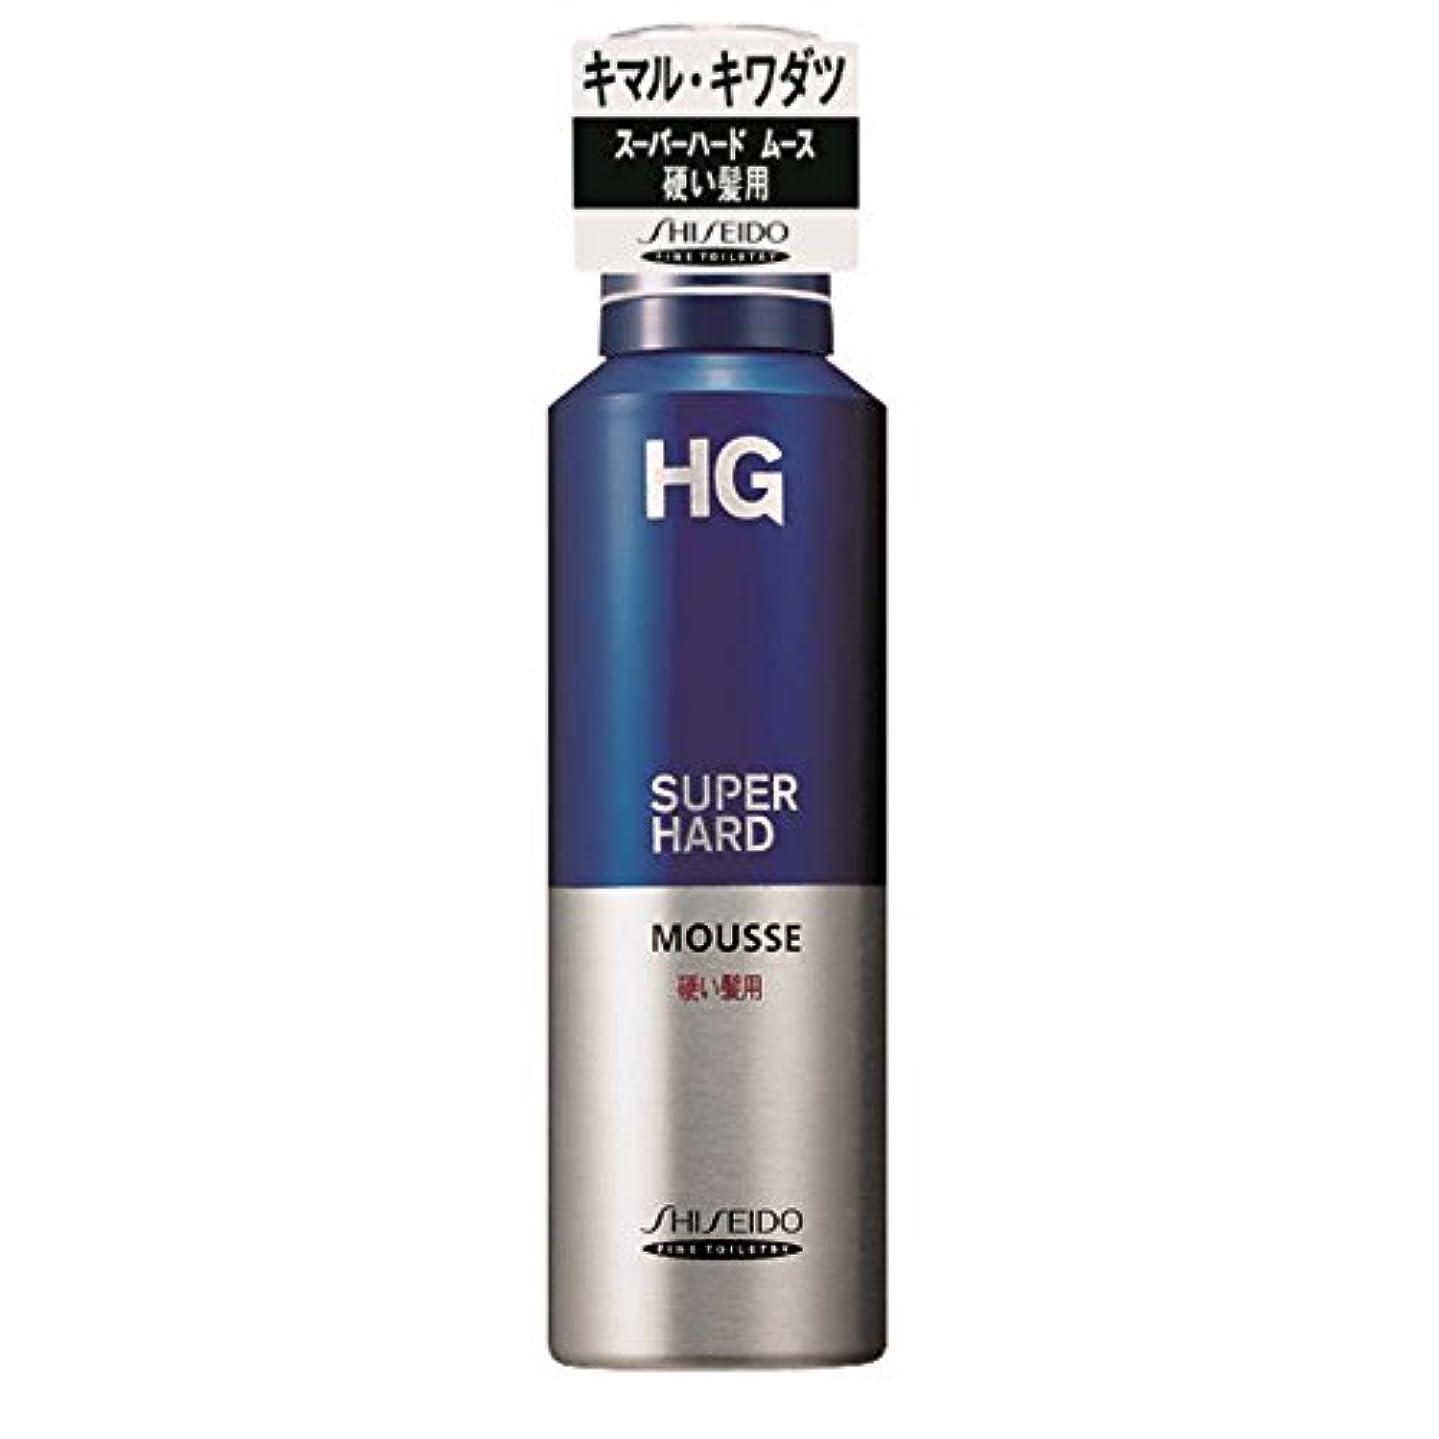 HG スーパーハード ムース 硬い髪用 180g